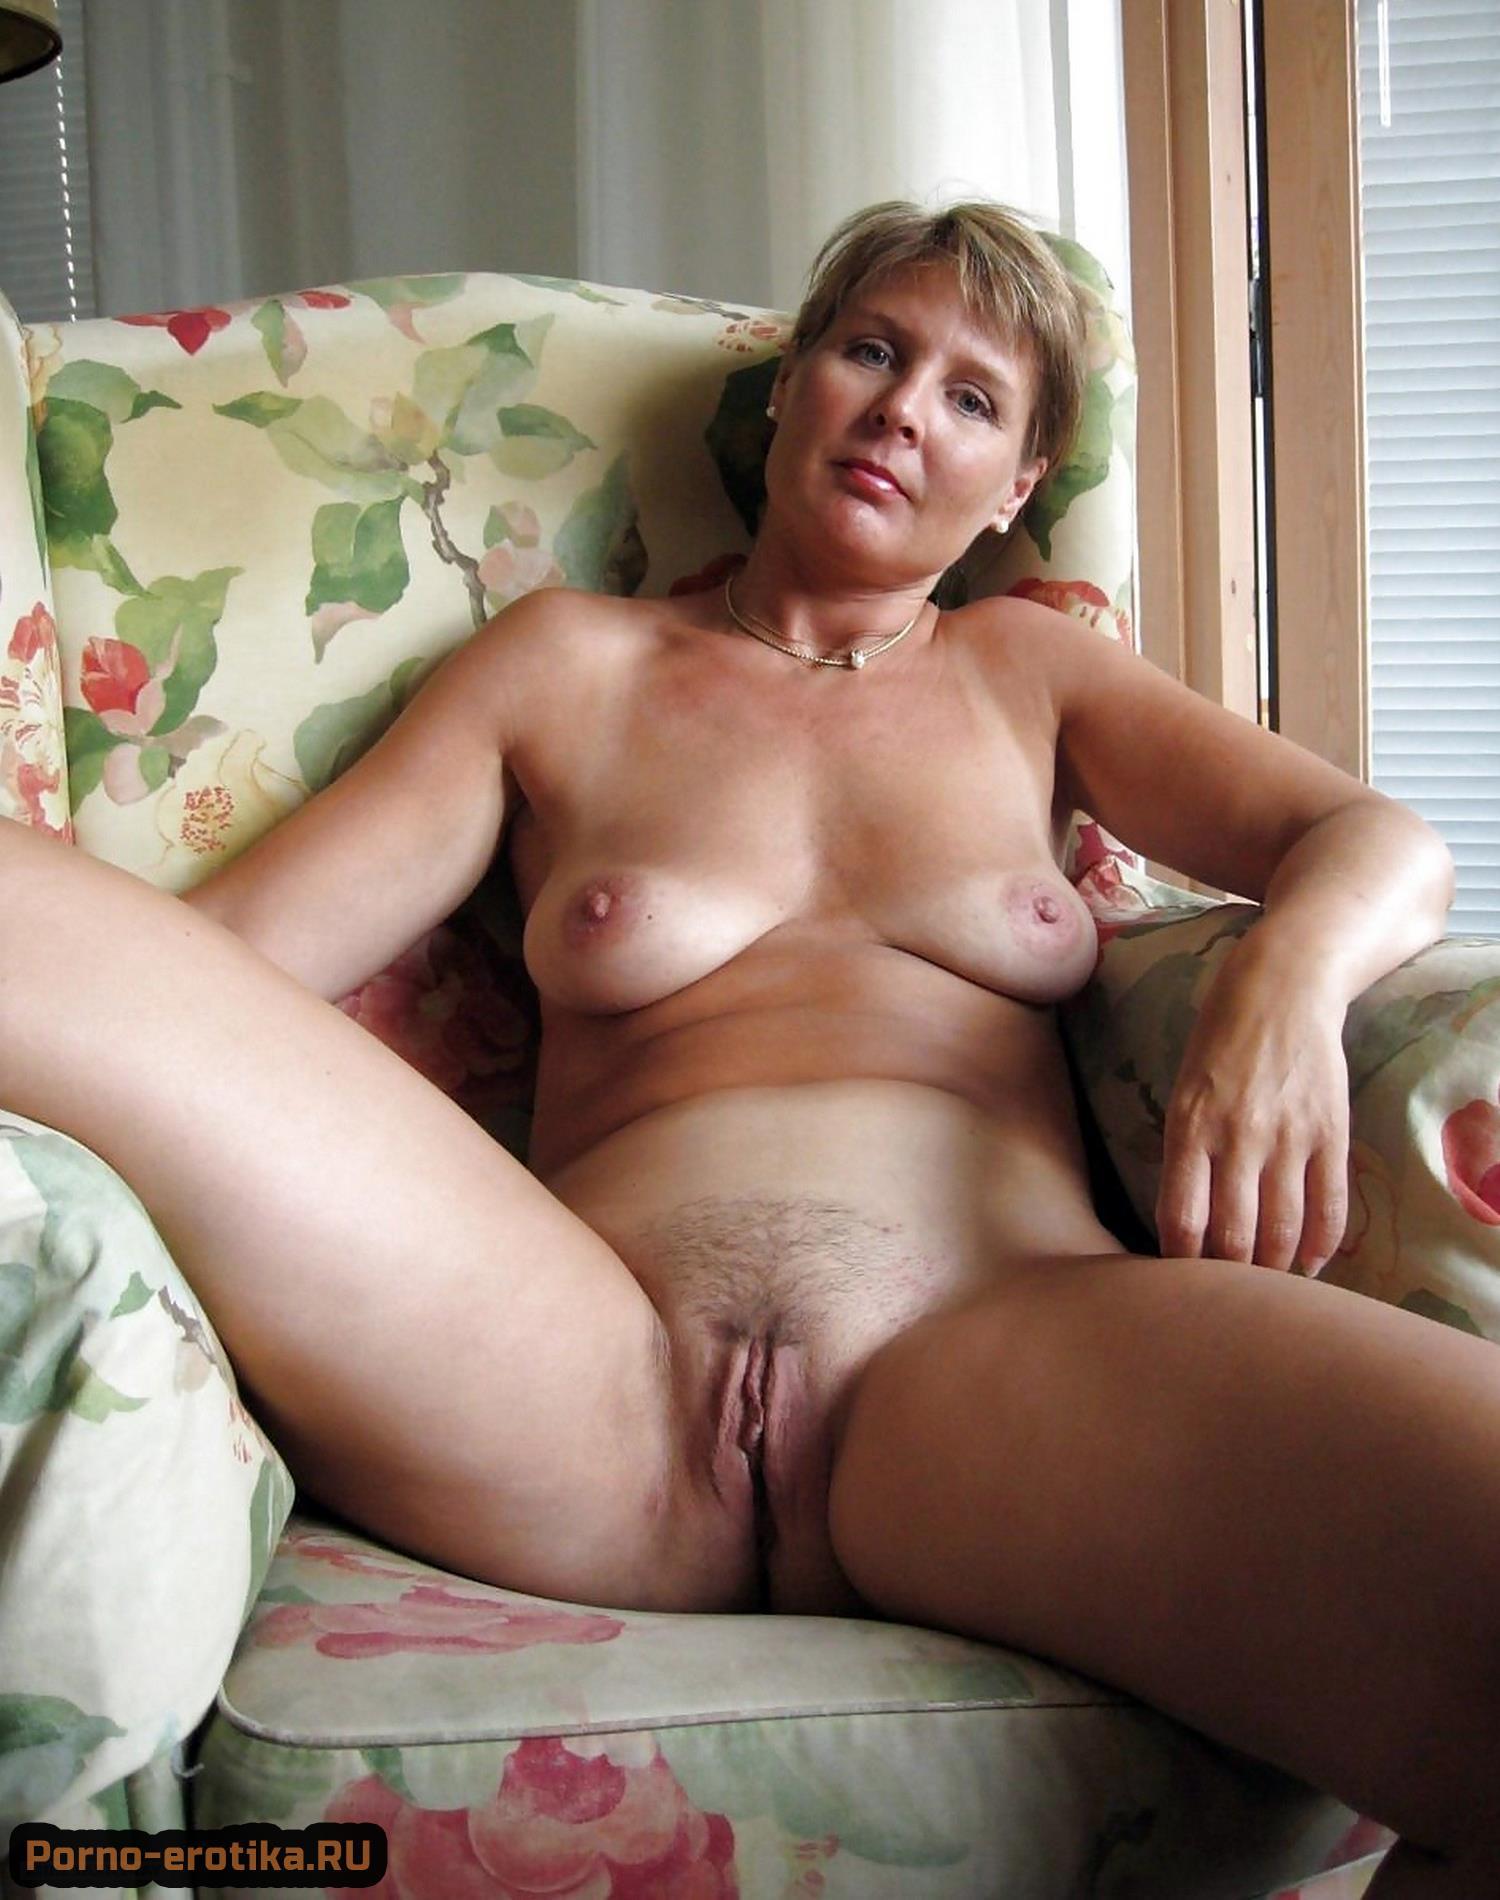 домашние фотографии женщин порно